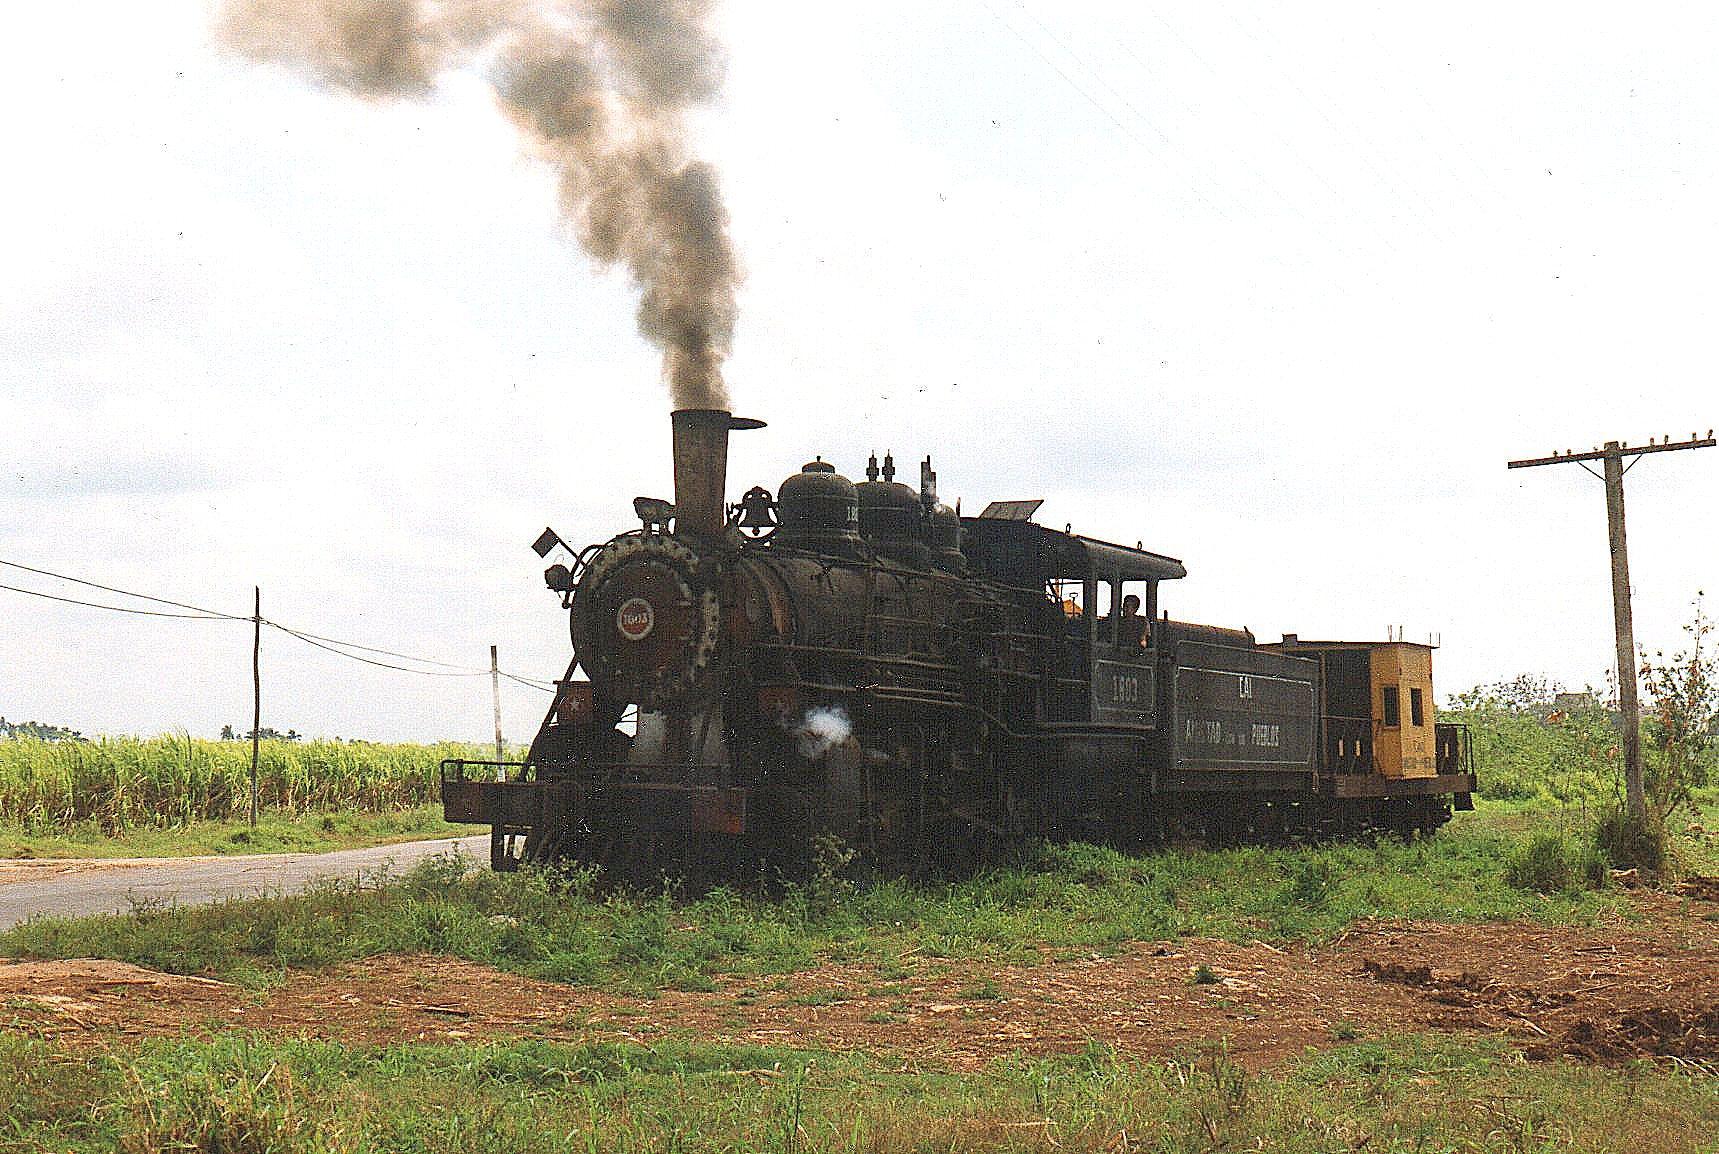 Vi kørte ud til vejen, fotograferede en ko og toget og returnerede så igen. Kun lokomotivet og caboosen med os entusiaster stående deltog.